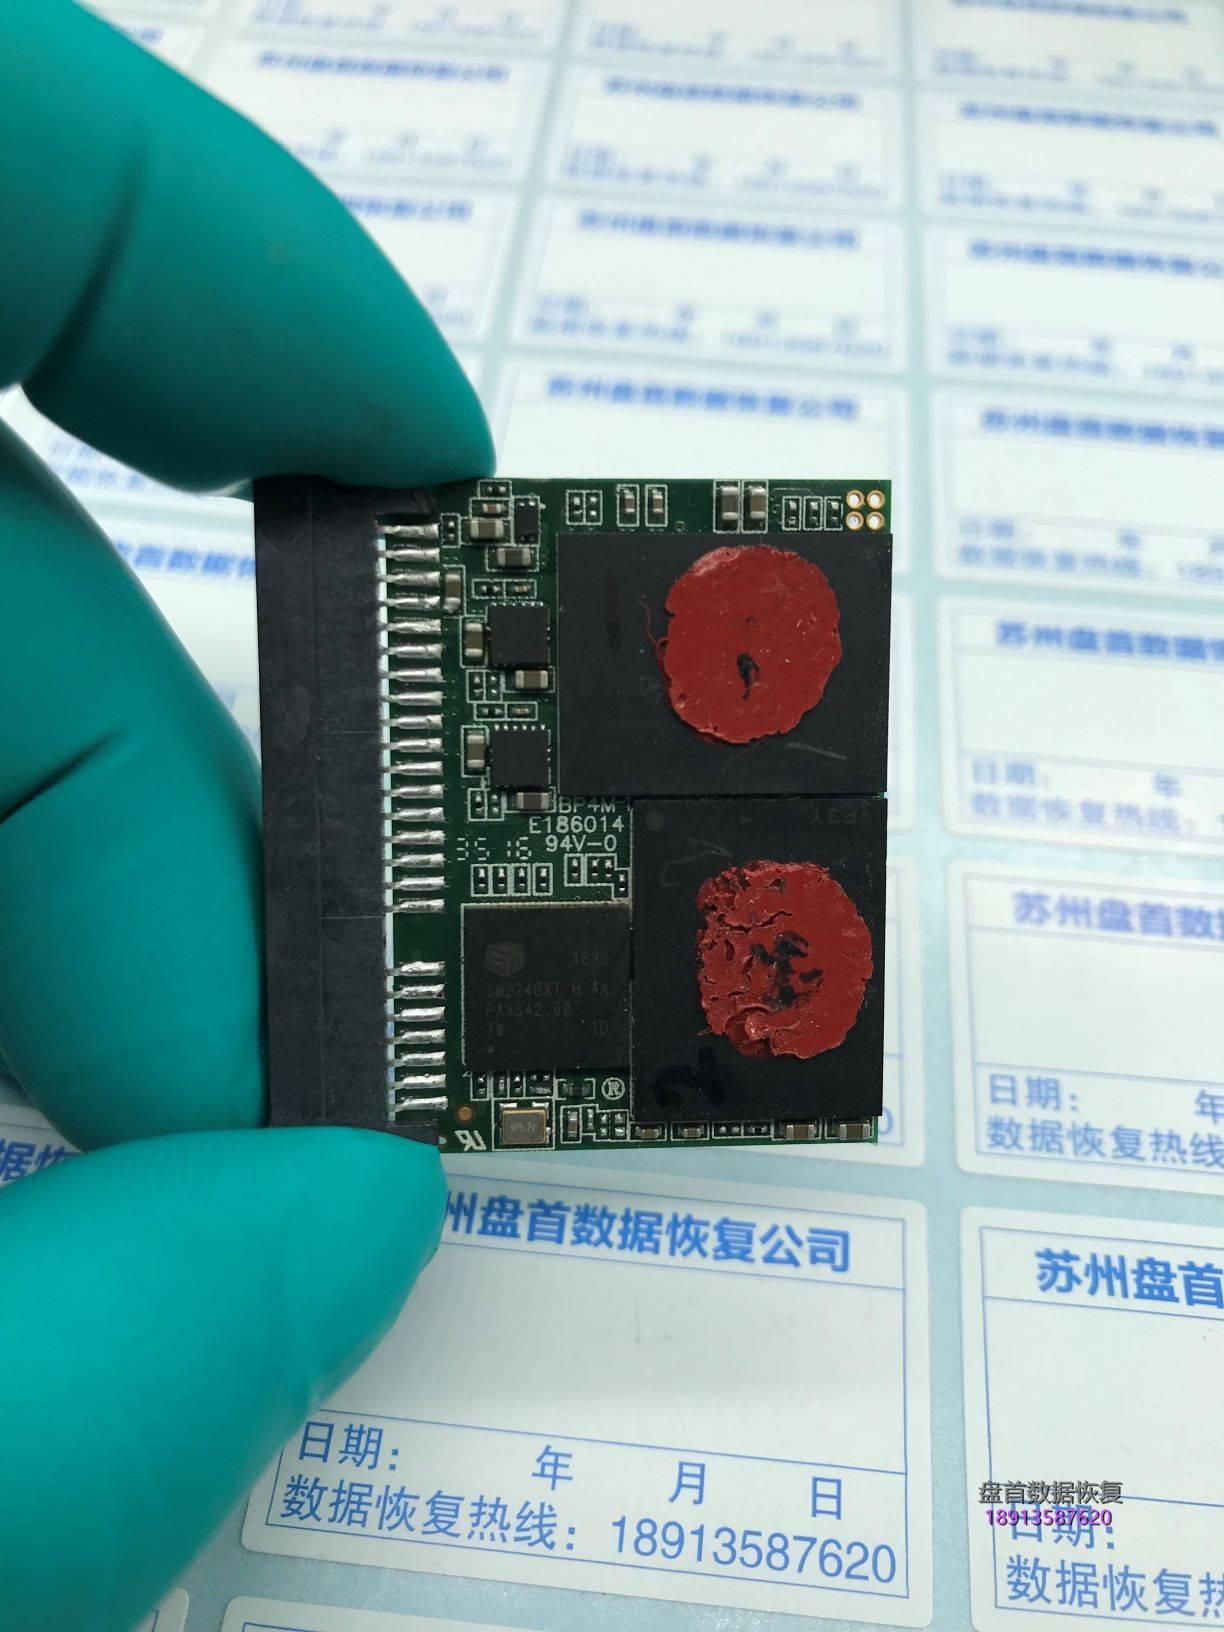 0 雷克沙CFast 2.0 3600X高速CF卡损坏无法识别芯片级数据恢复完美成功